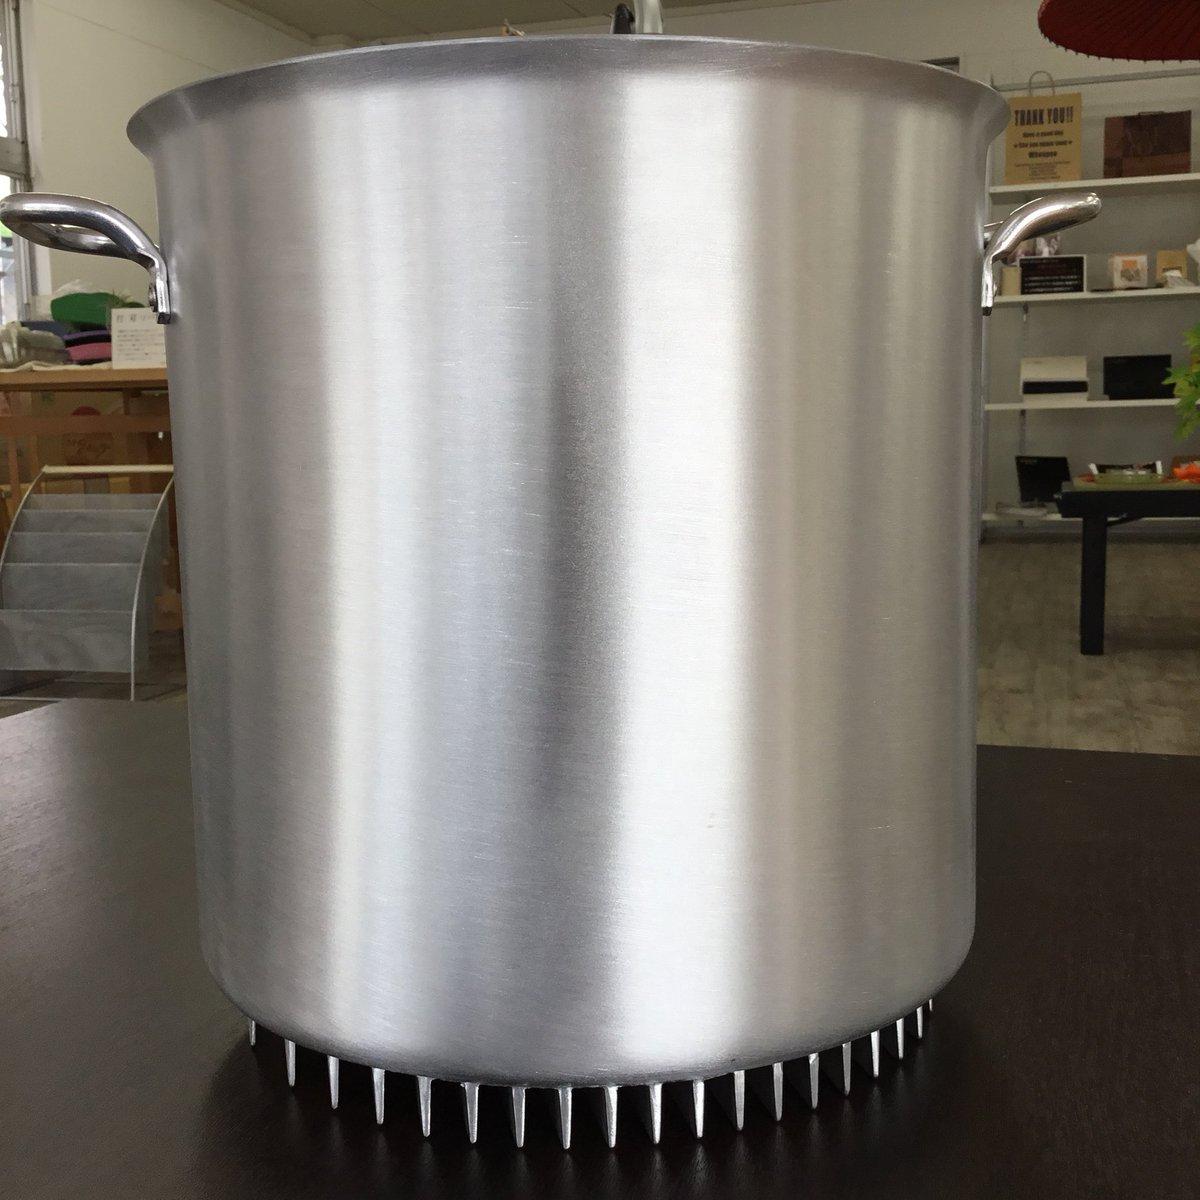 寺澤です。ラーメンのスープなどの仕込みに使われる寸胴鍋は、時間とガス代がかかりますよね。この「エコライン寸胴鍋」は、従来の約半分の時間で沸騰させることができ、時間とガス代が削減できます。その理由は熱伝導率が高い鍋底の形状です。大量仕込みをする店舗様に是非オススメしたい鍋です。